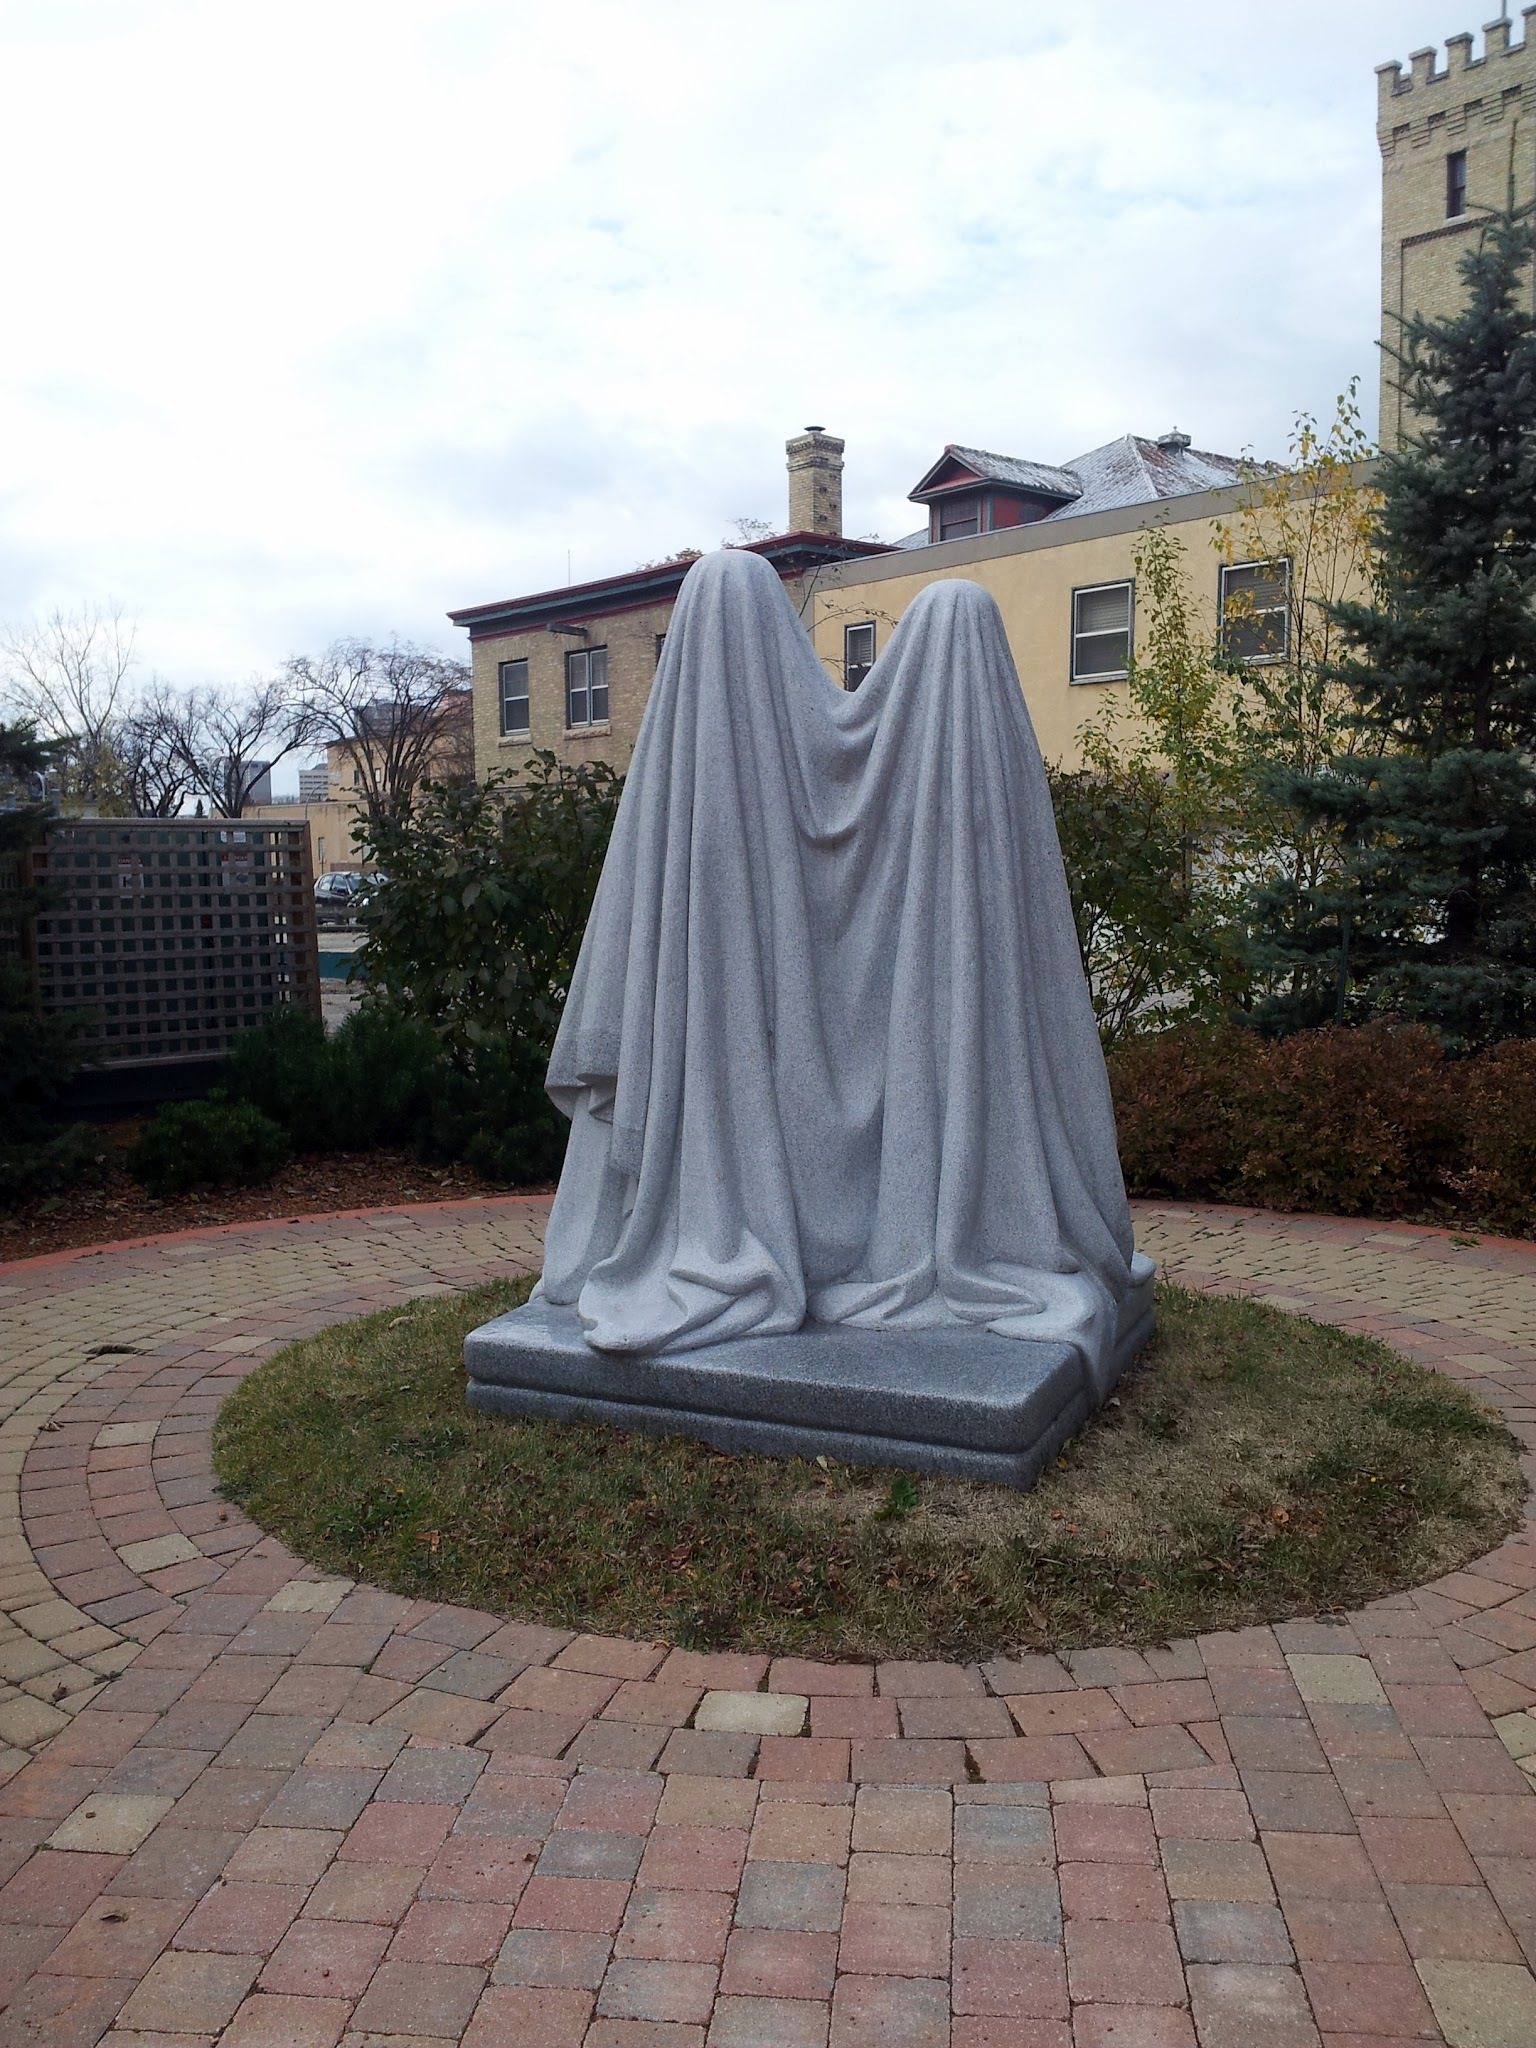 file monument granite sculpture at jardin de sculptures. Black Bedroom Furniture Sets. Home Design Ideas